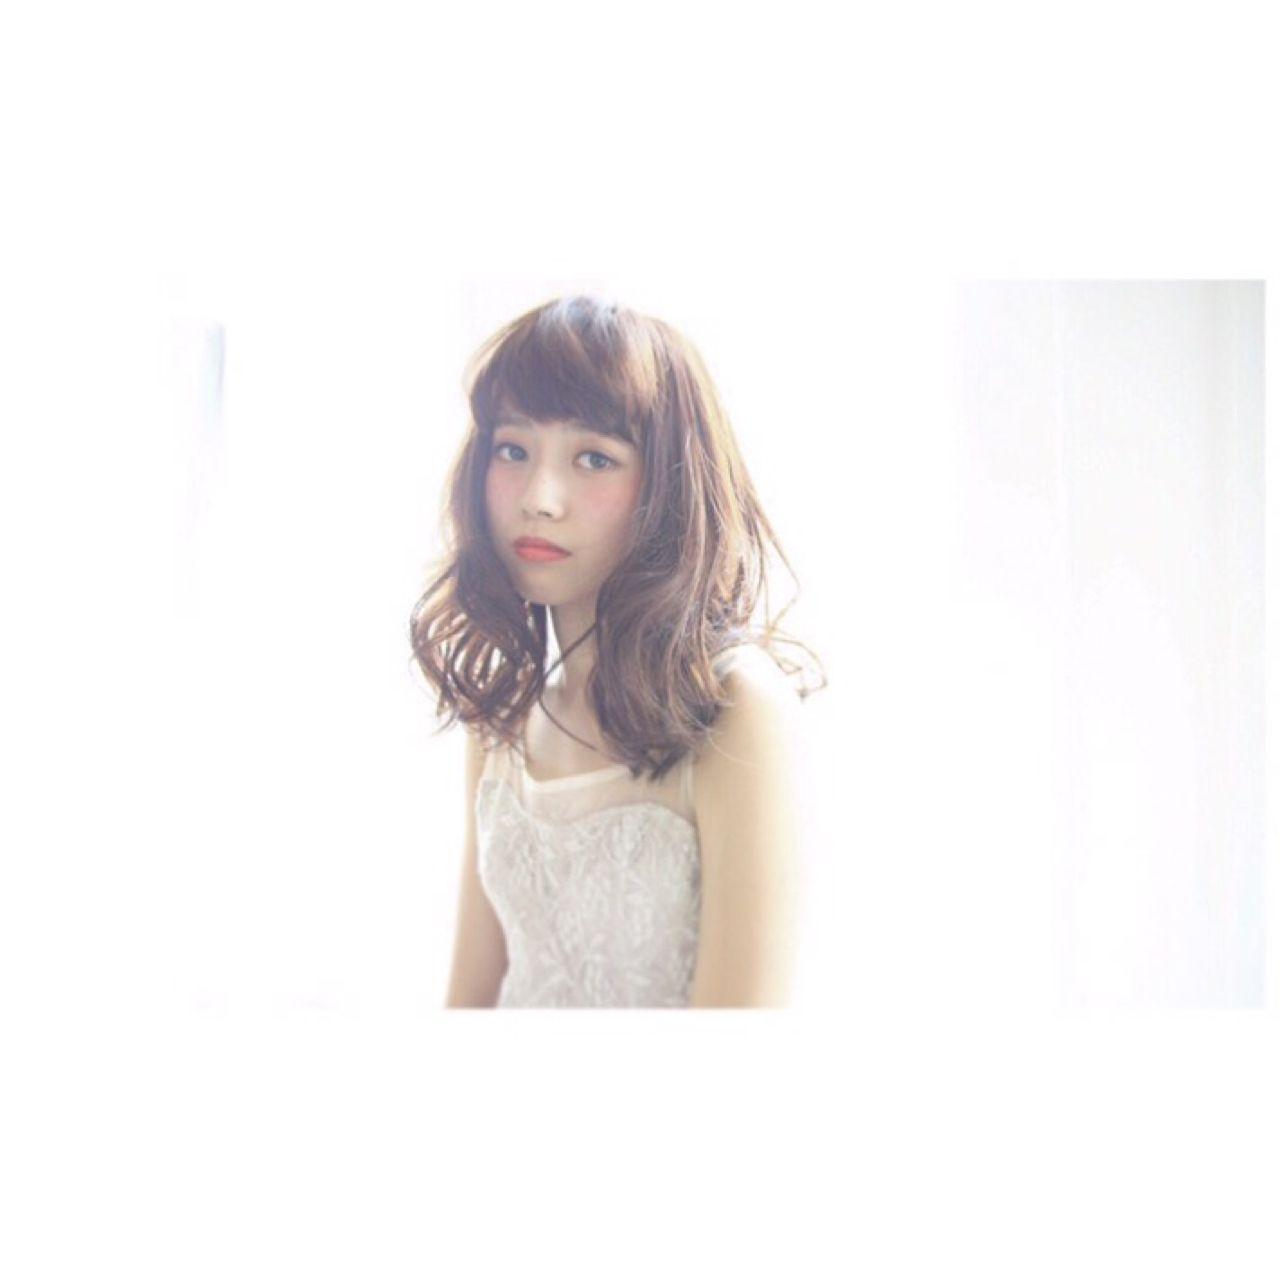 これであなたもHAPPY GIRL♪ヘルシーキュートを目指しちゃお。 山岡 砂矢夏